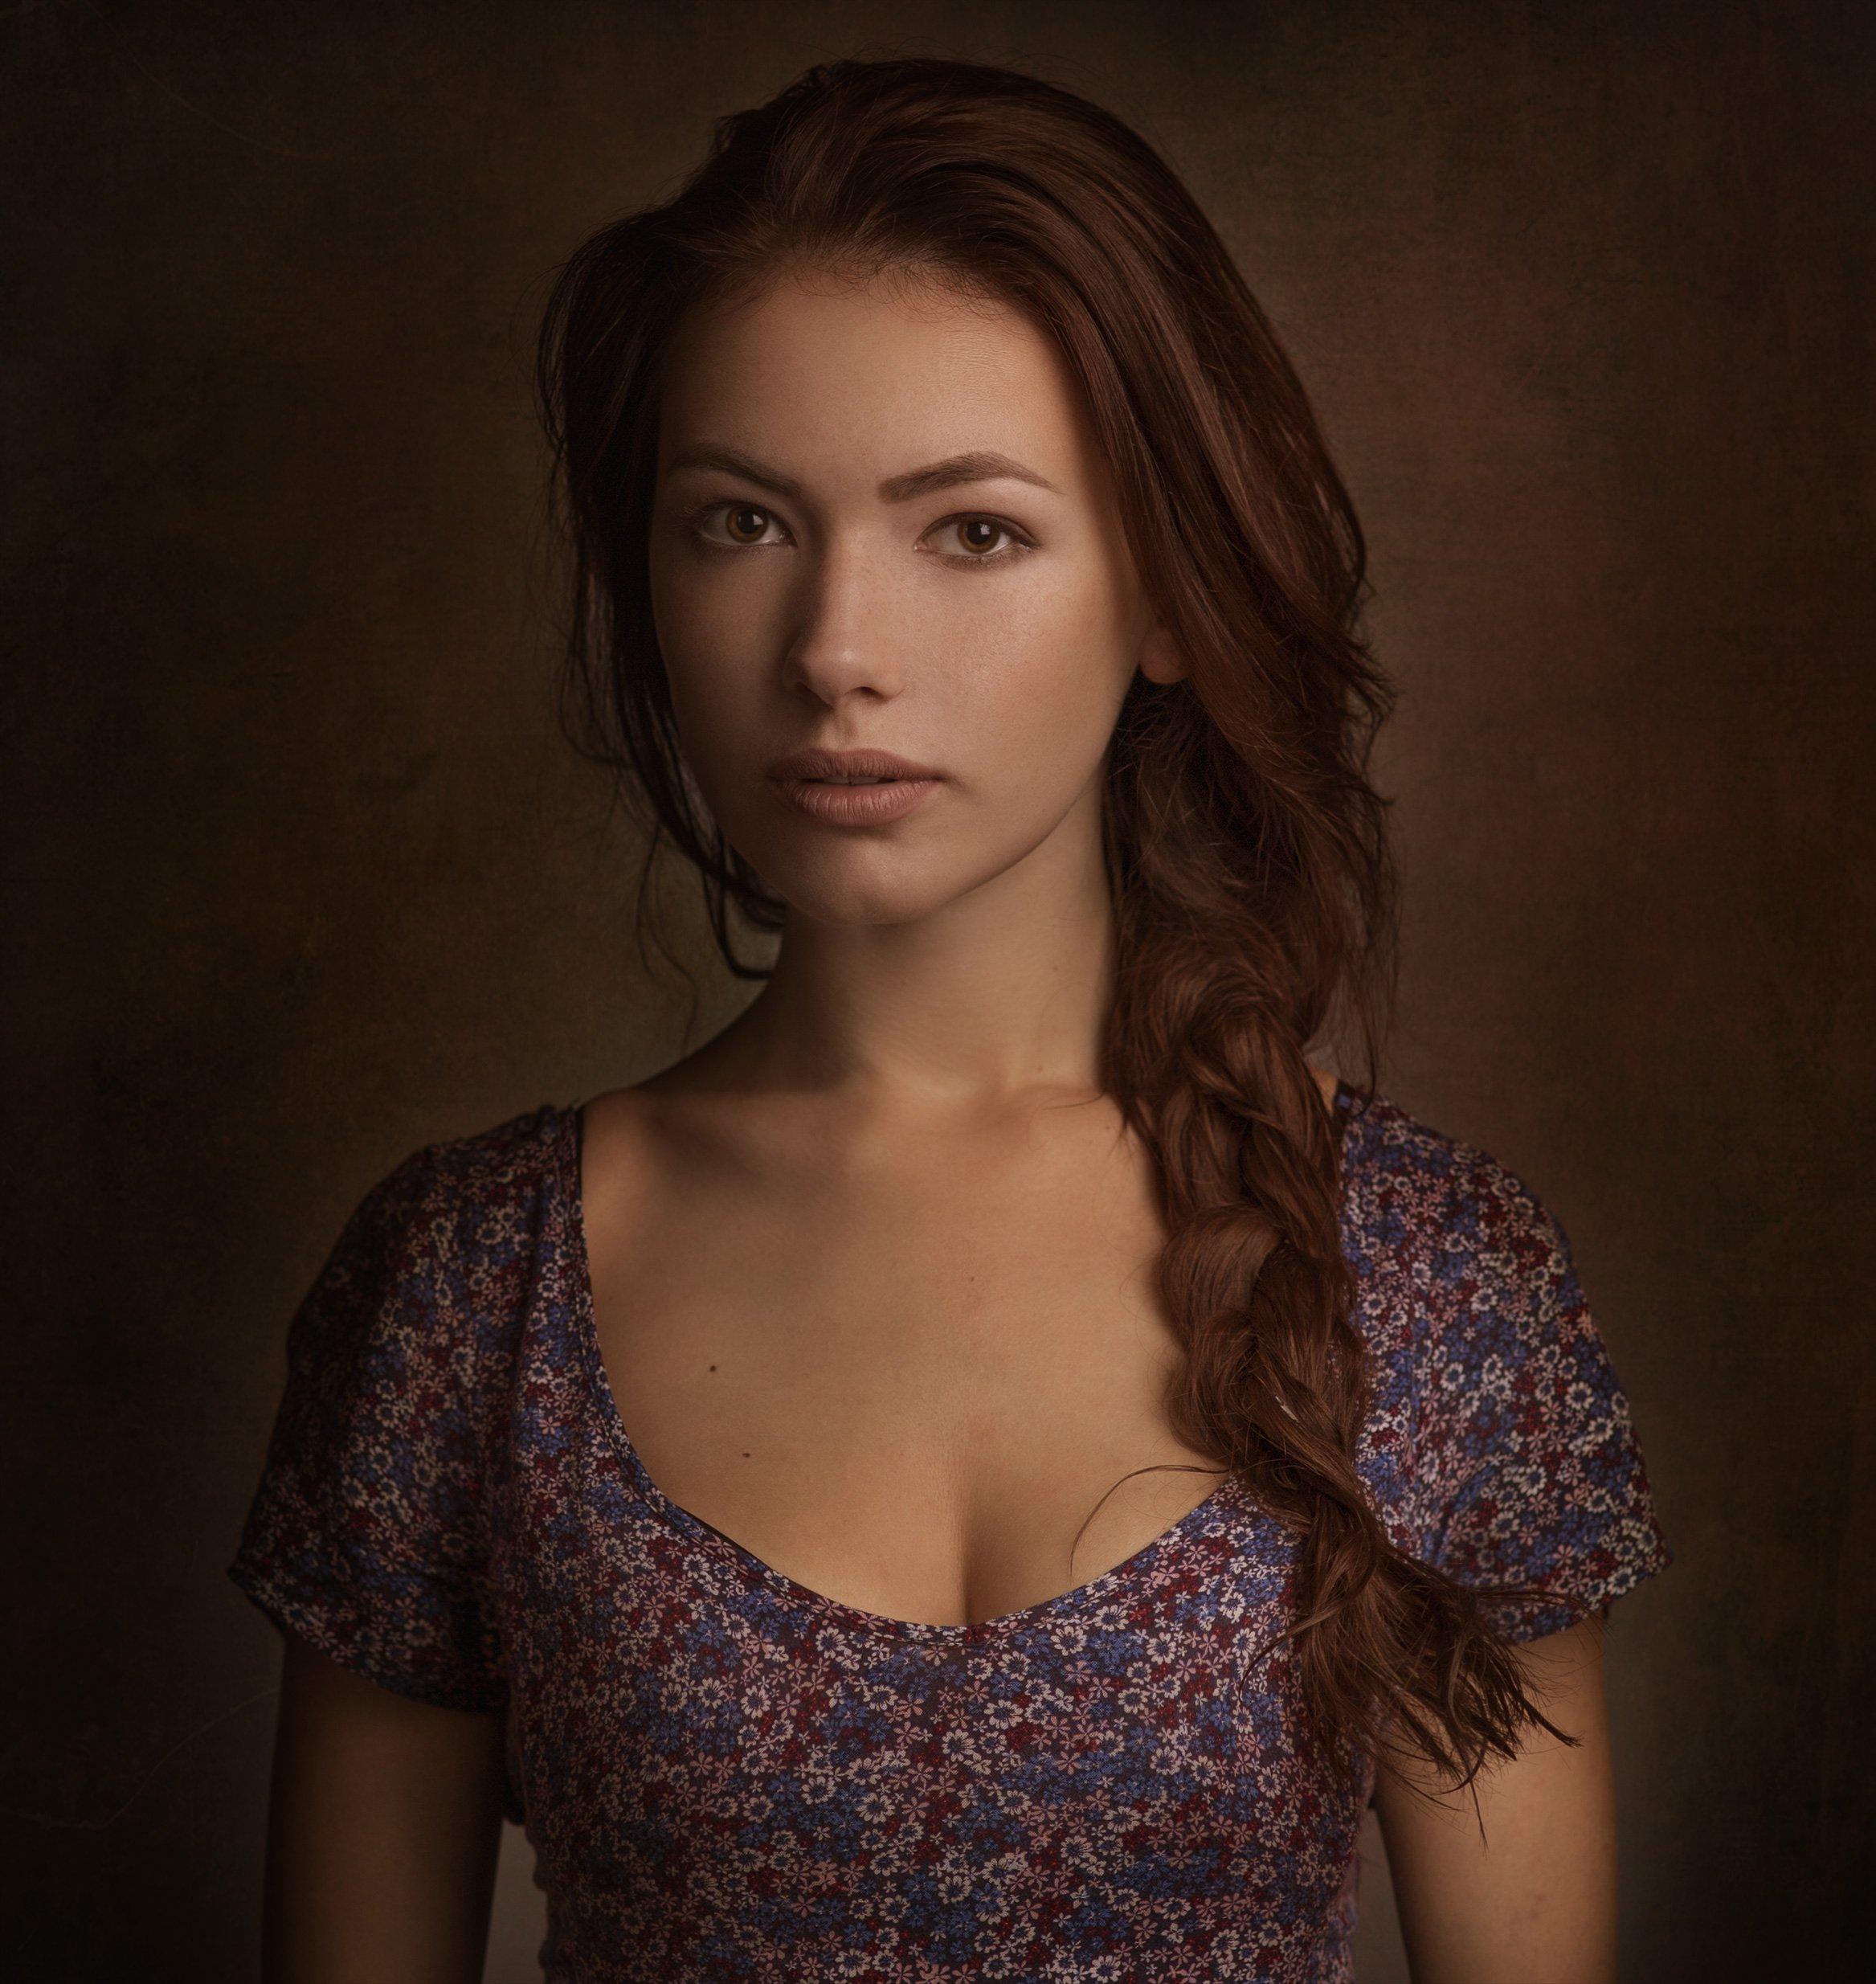 портрет,девушка,студия,2015, Бутвиловский Дмитрий